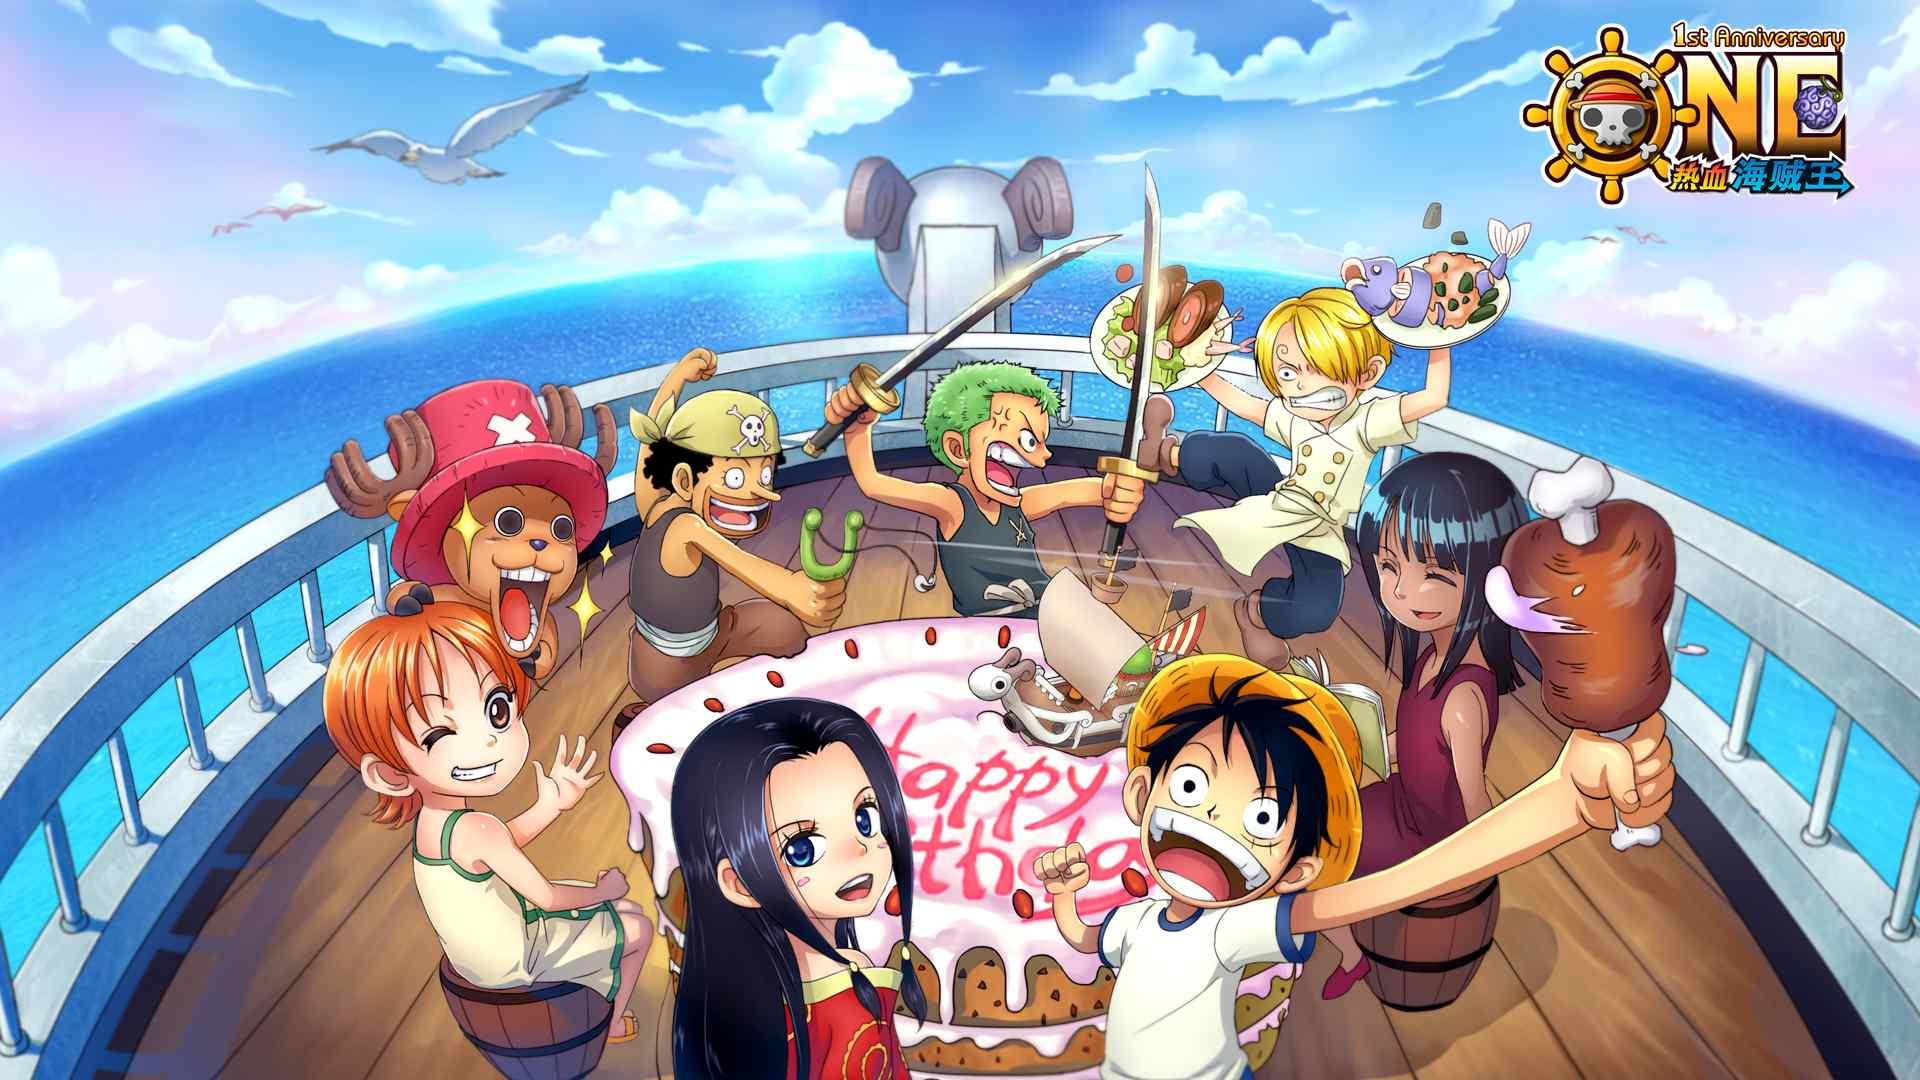 动漫《海贼王》高清图片桌面壁纸